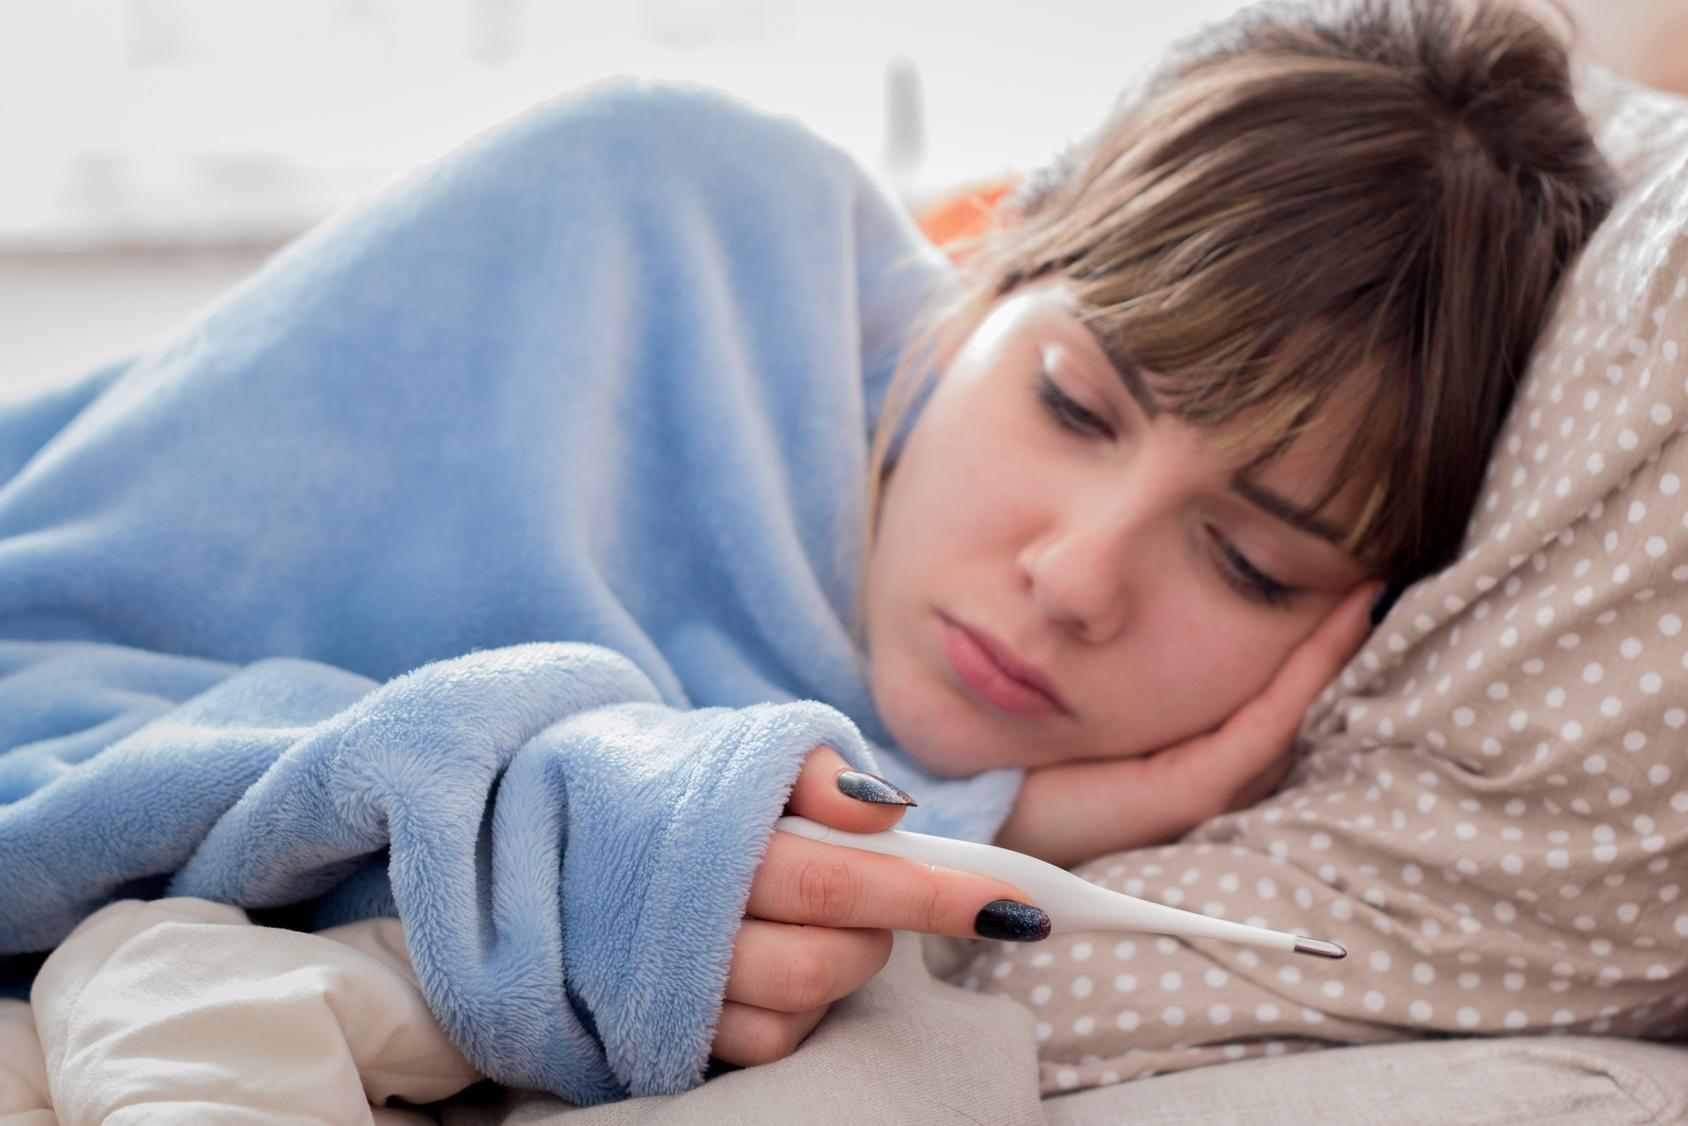 Как лечить коронавирусную пневмонию дома? Ответы пульмонолога Сергея Метельского на портале TUT.BY